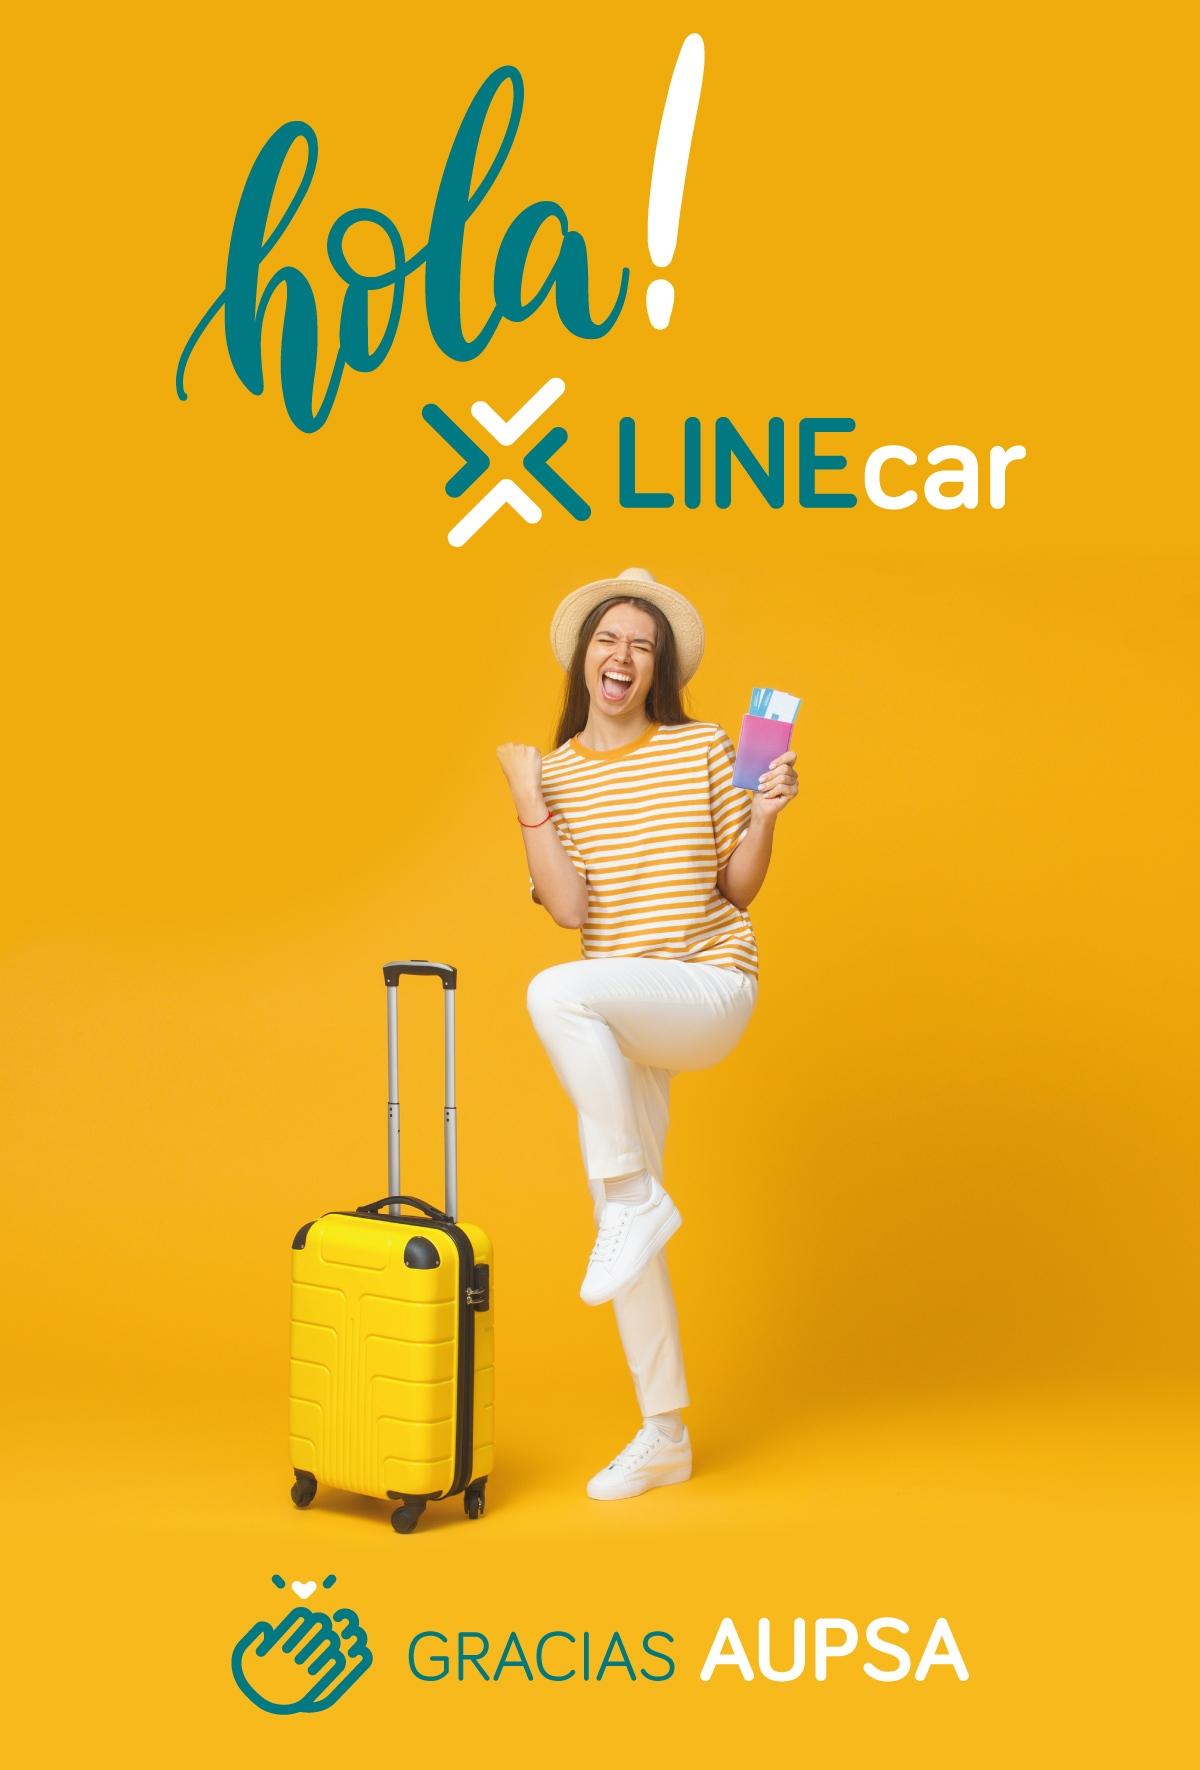 La firma berciana Aupsa da la bienvenida a su nueva marca LINEcar. Hola LINEcar, Gracias AUPSA 3